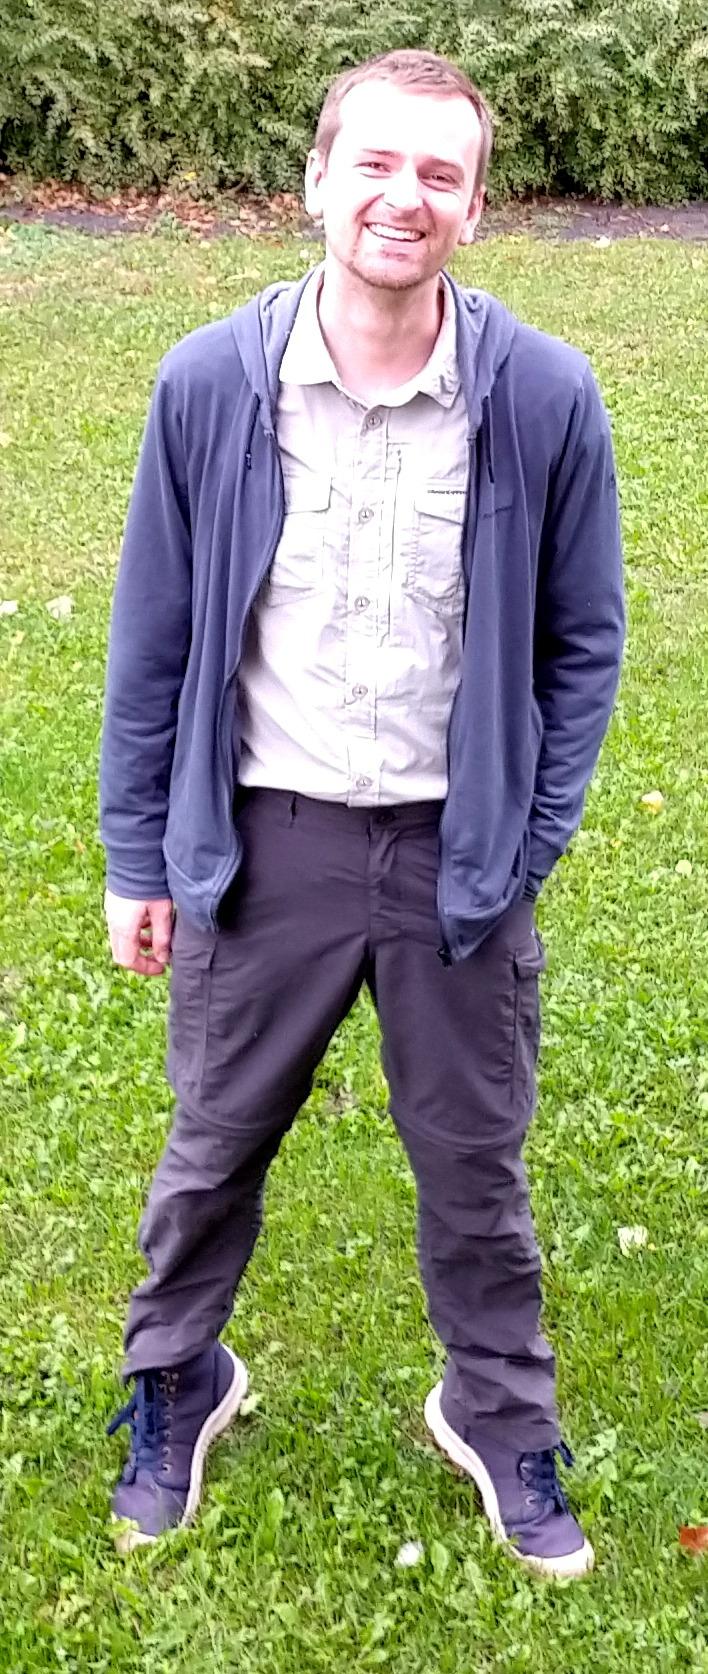 Nicolas' outfit wardrobe